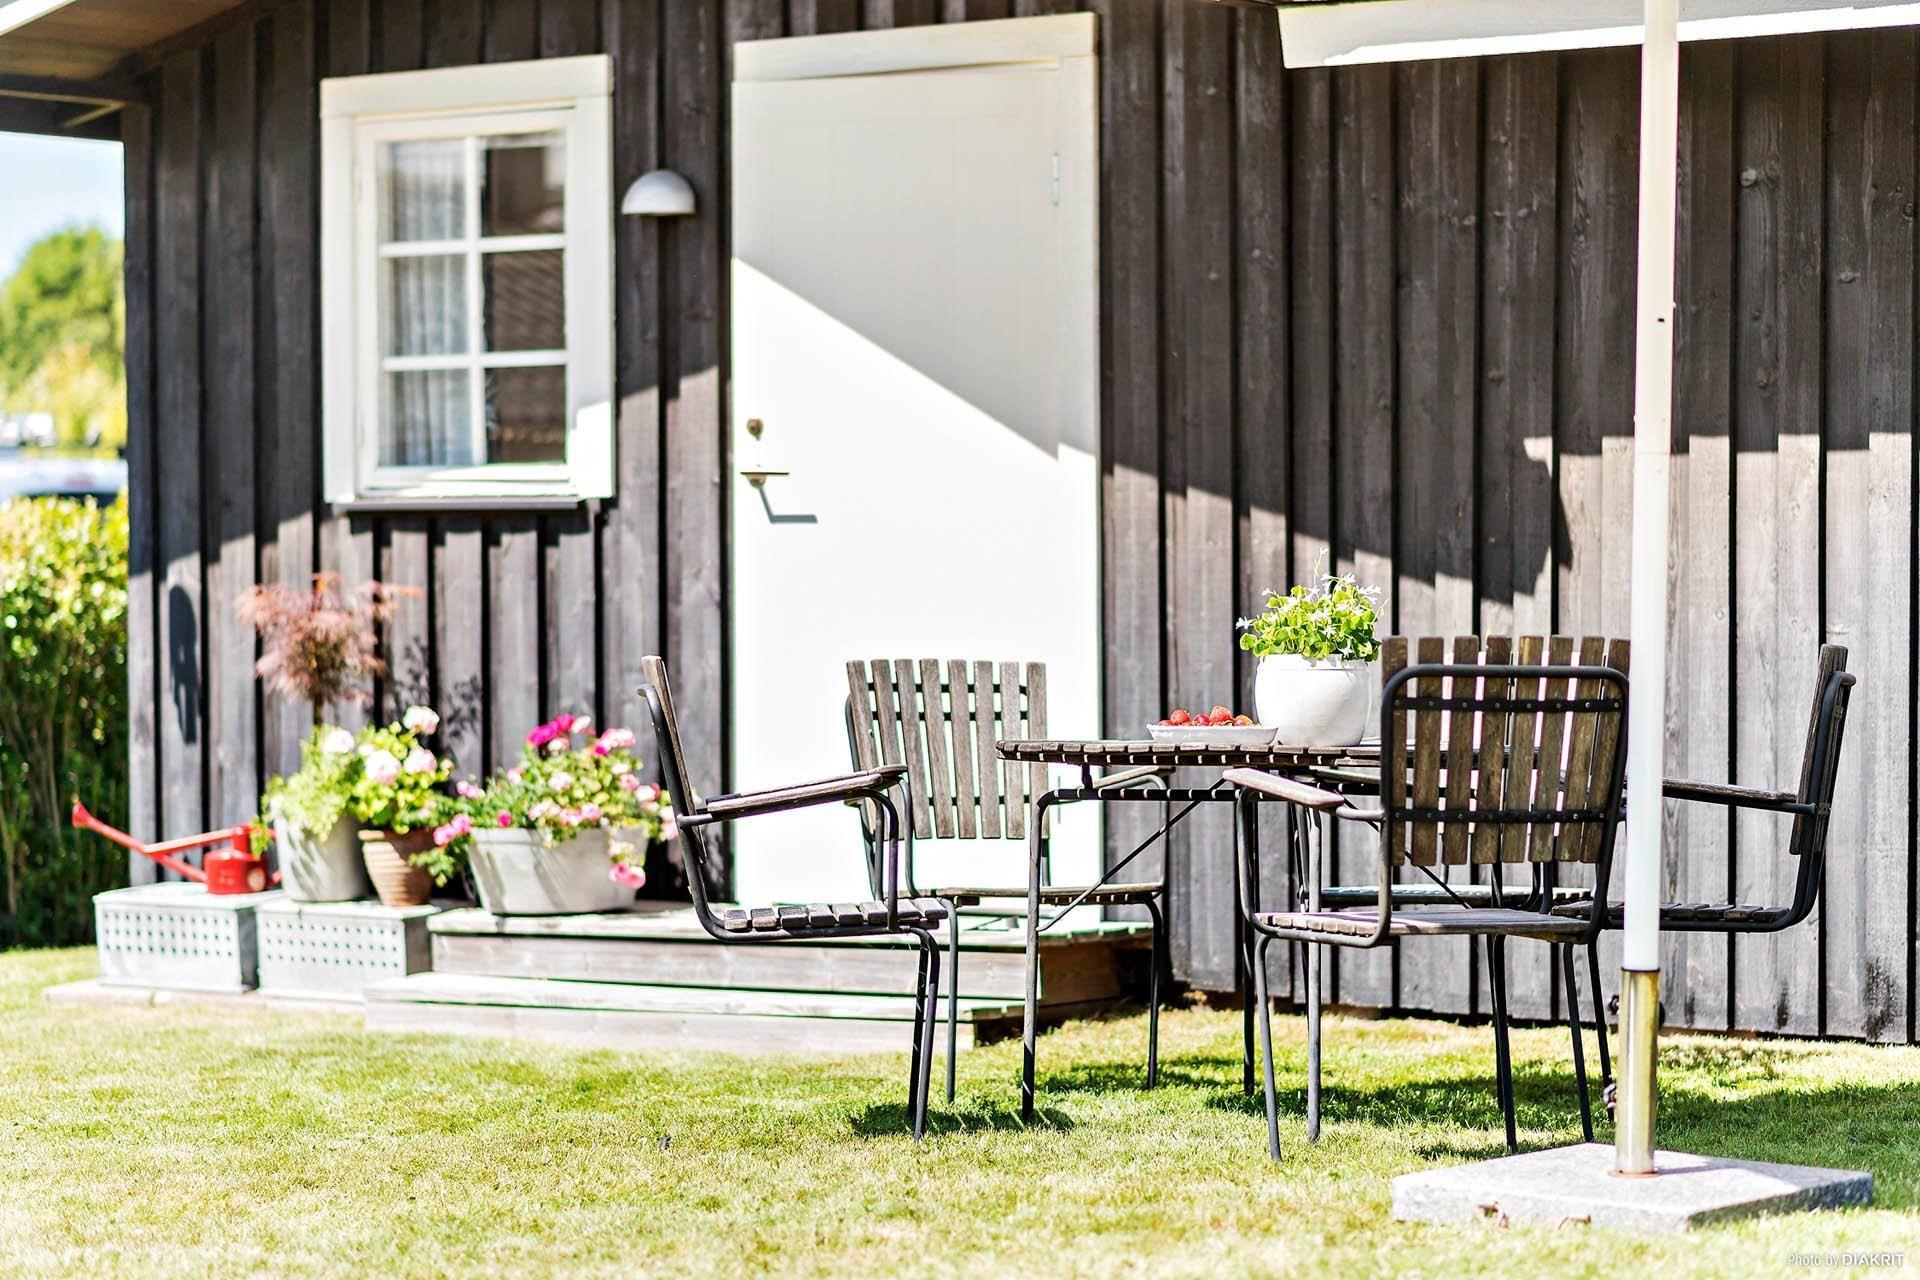 Ngôi nhà 45m2 tọa lạc trên thảm cỏ xanh mượt với không gian sống trong lành ai nhìn cũng thích - Ảnh 16.